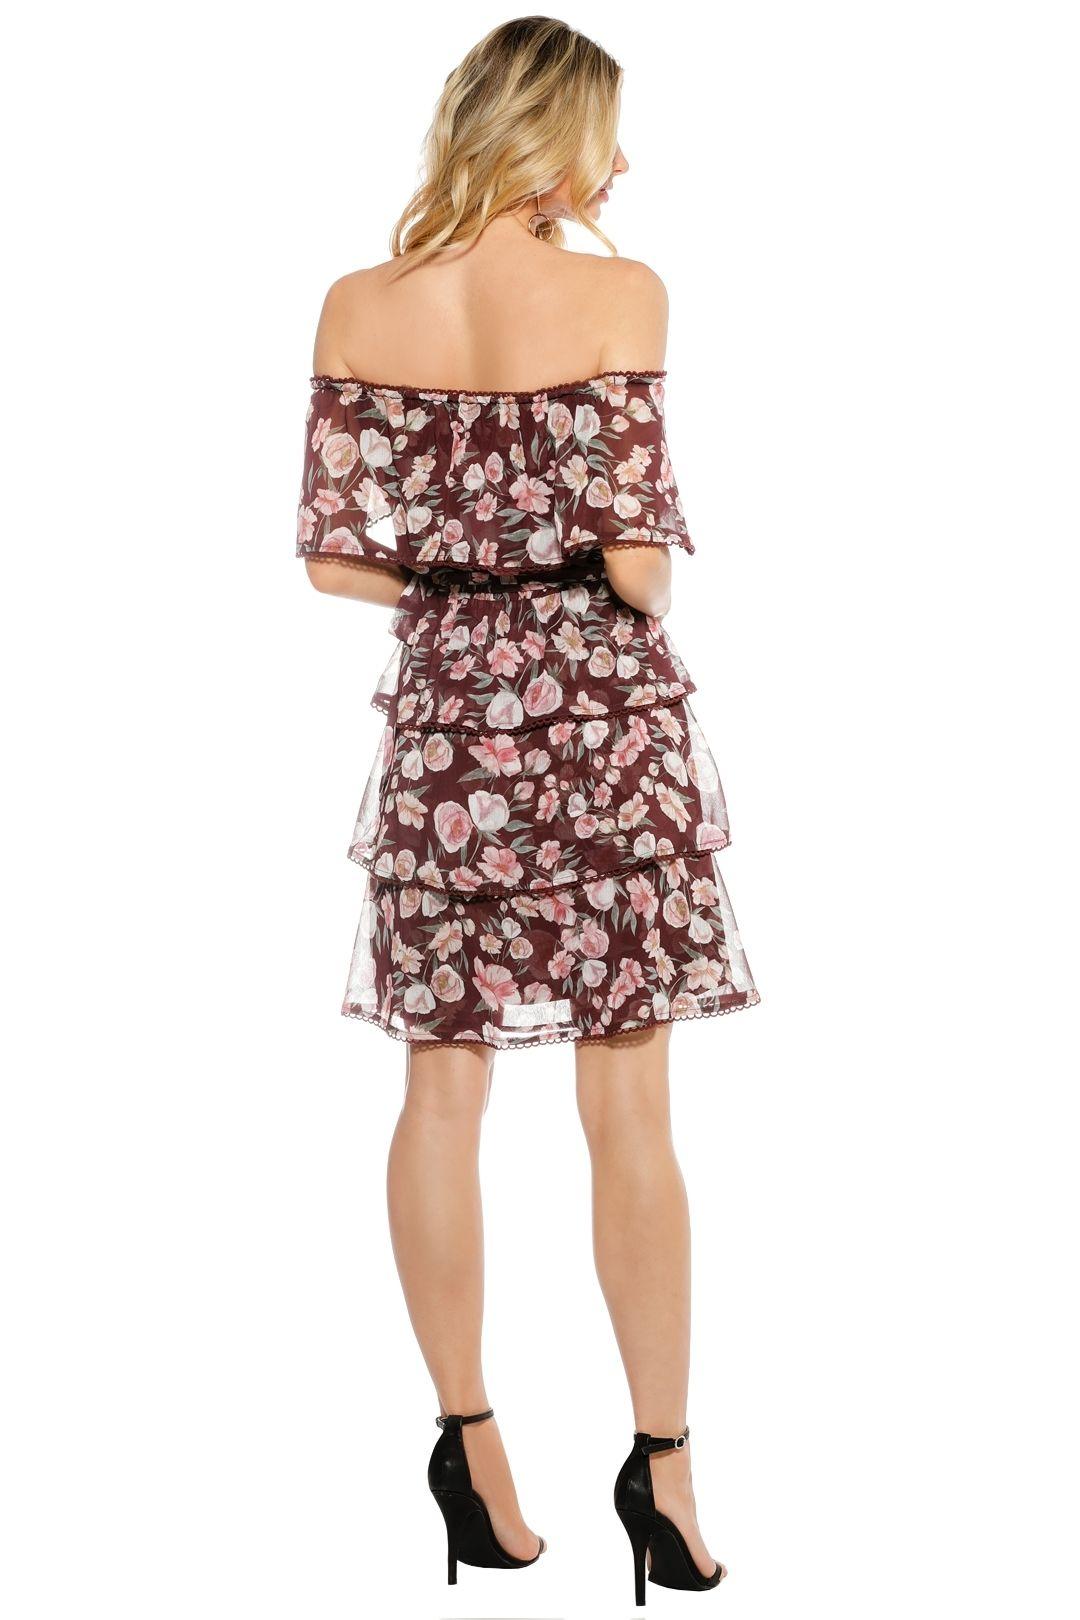 We Are Kindred - Meg Off Shoulder Dress - Floral Red - Back